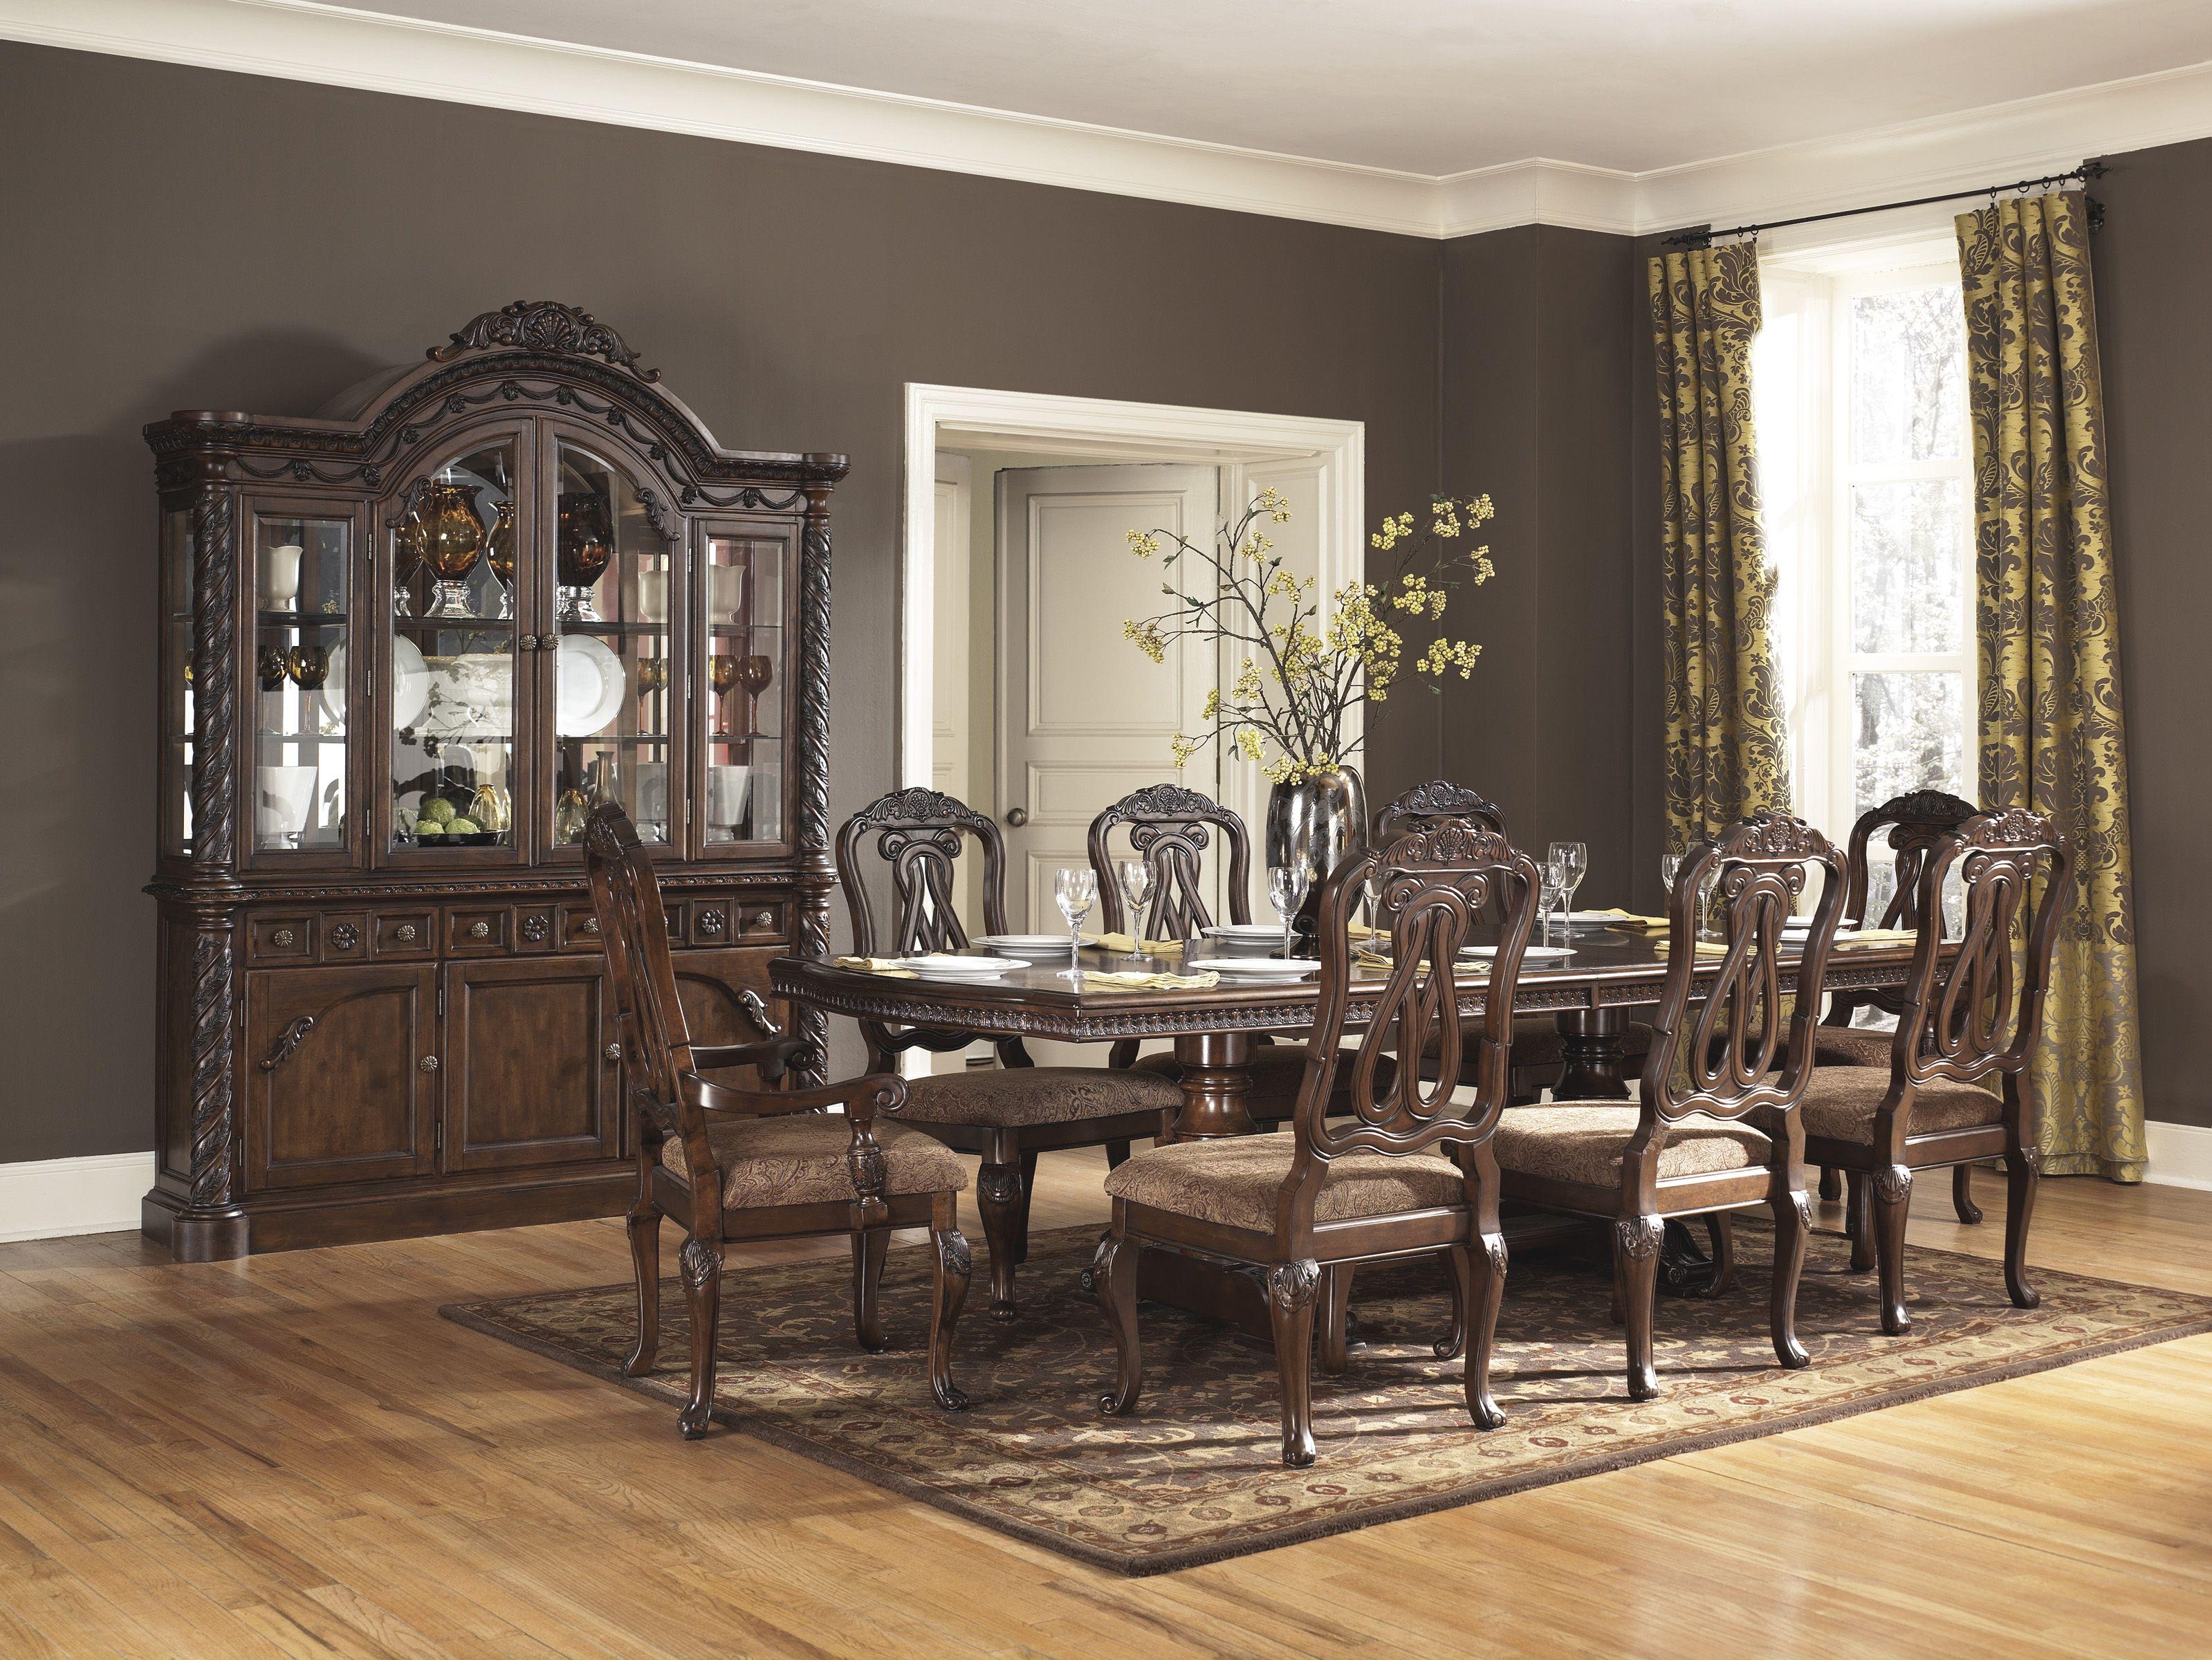 El Mejor Toque De Elegancia En Tu Hogar Con La Linea North Shore De Ashley Furniture Homestore Hogar Decoracion Hogar Comedores Clasicos